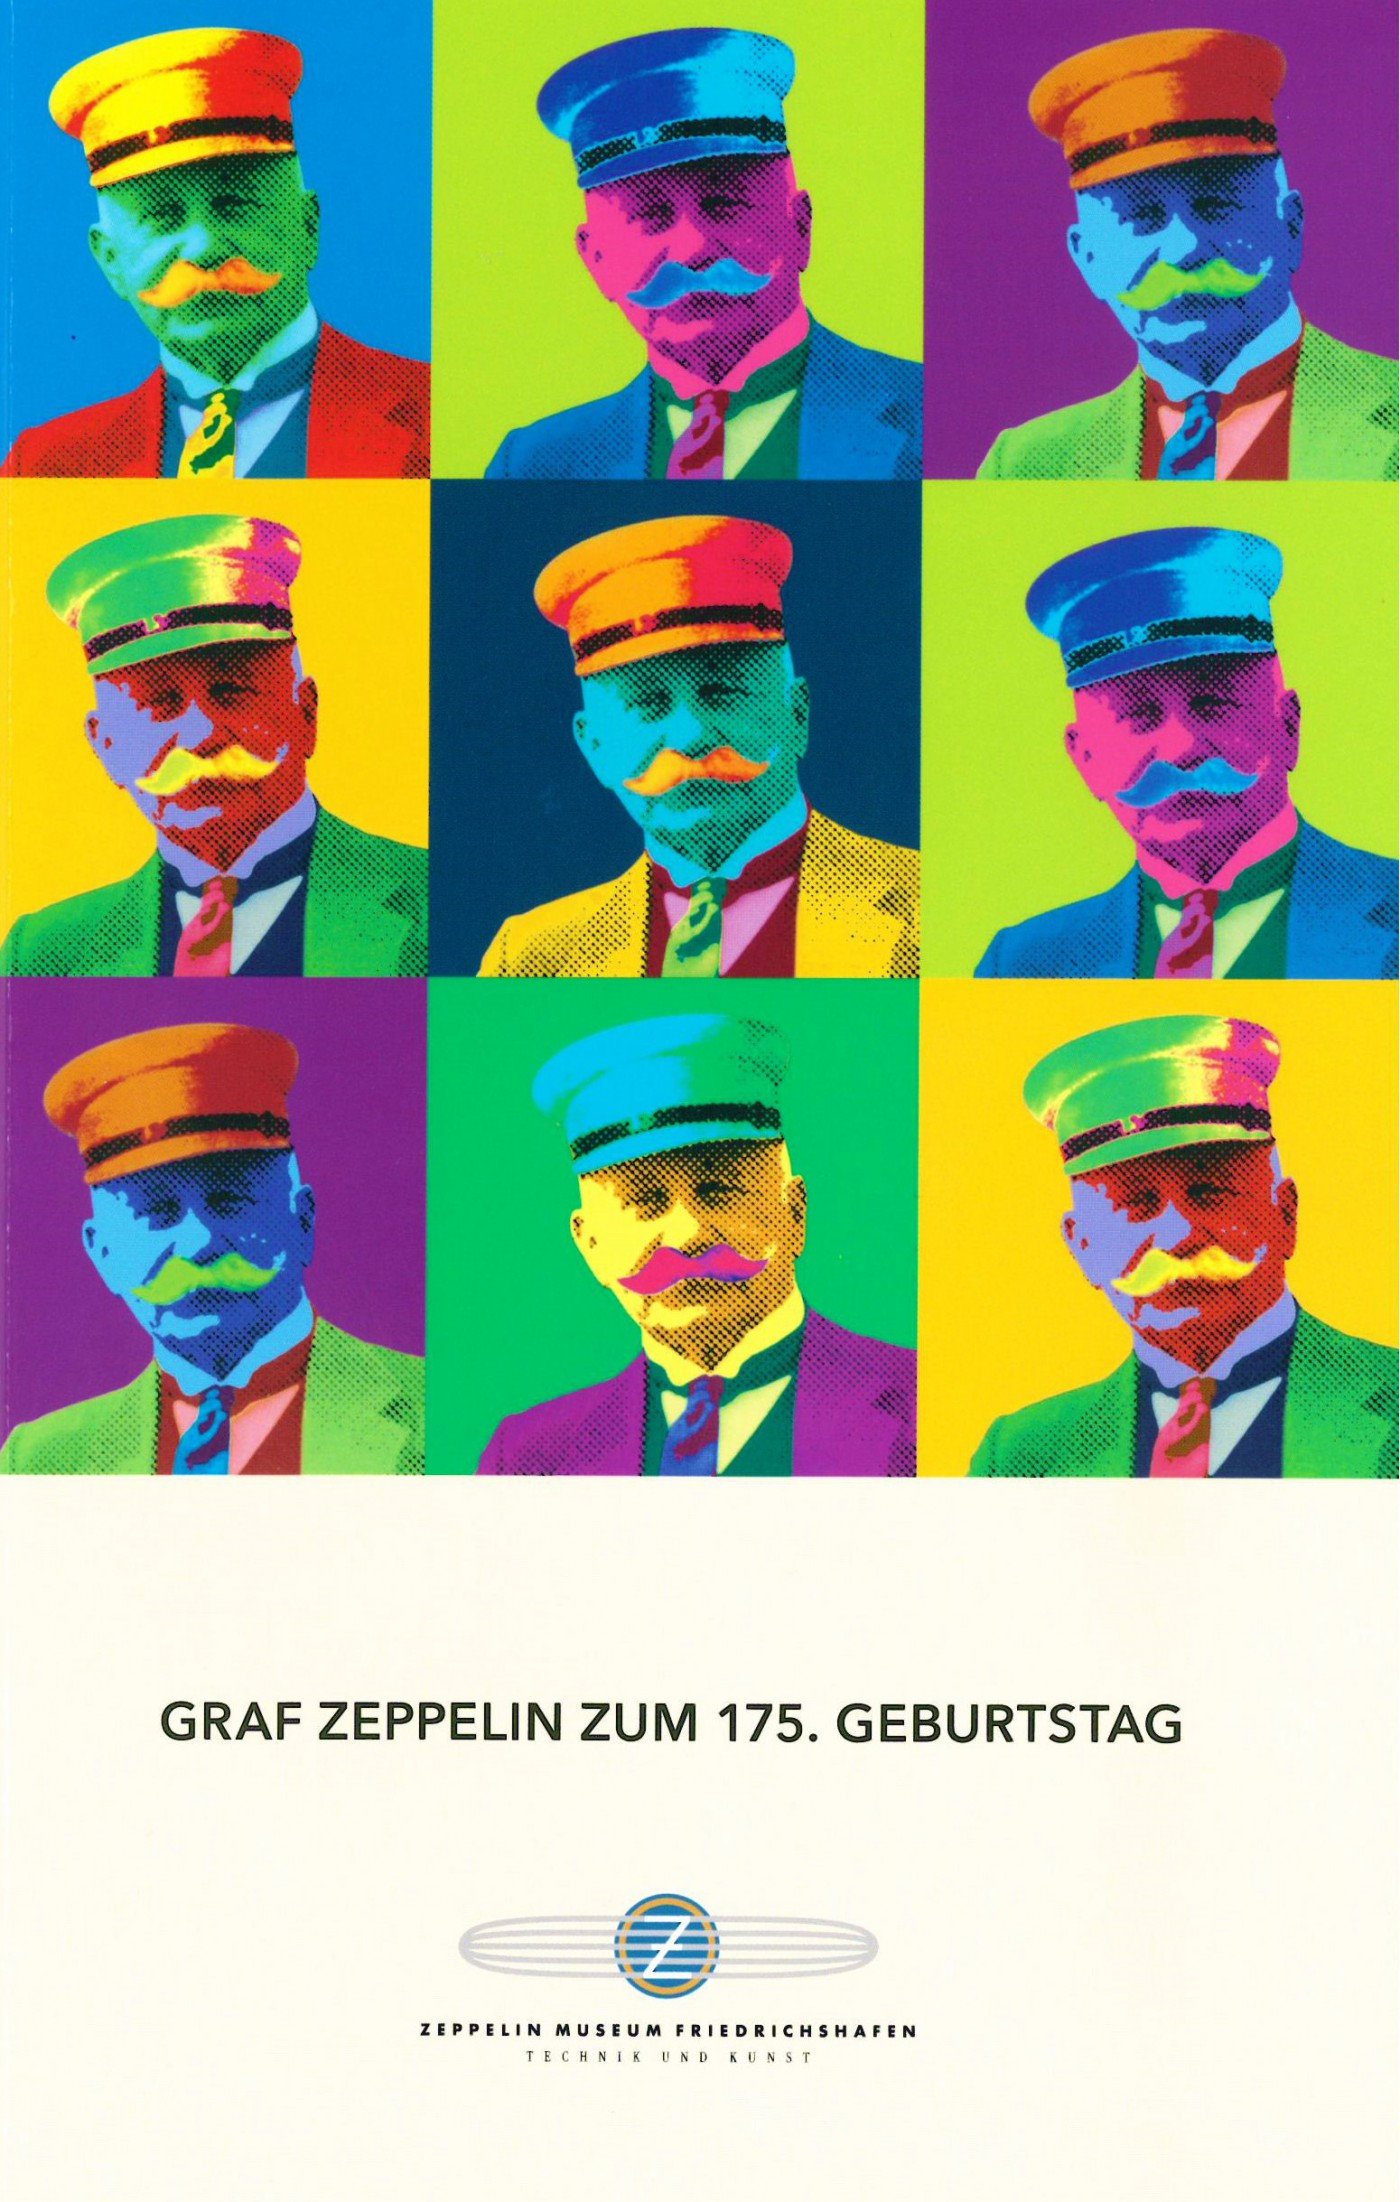 Broschüre: Graf Zeppelin zum 175. Geburtstag